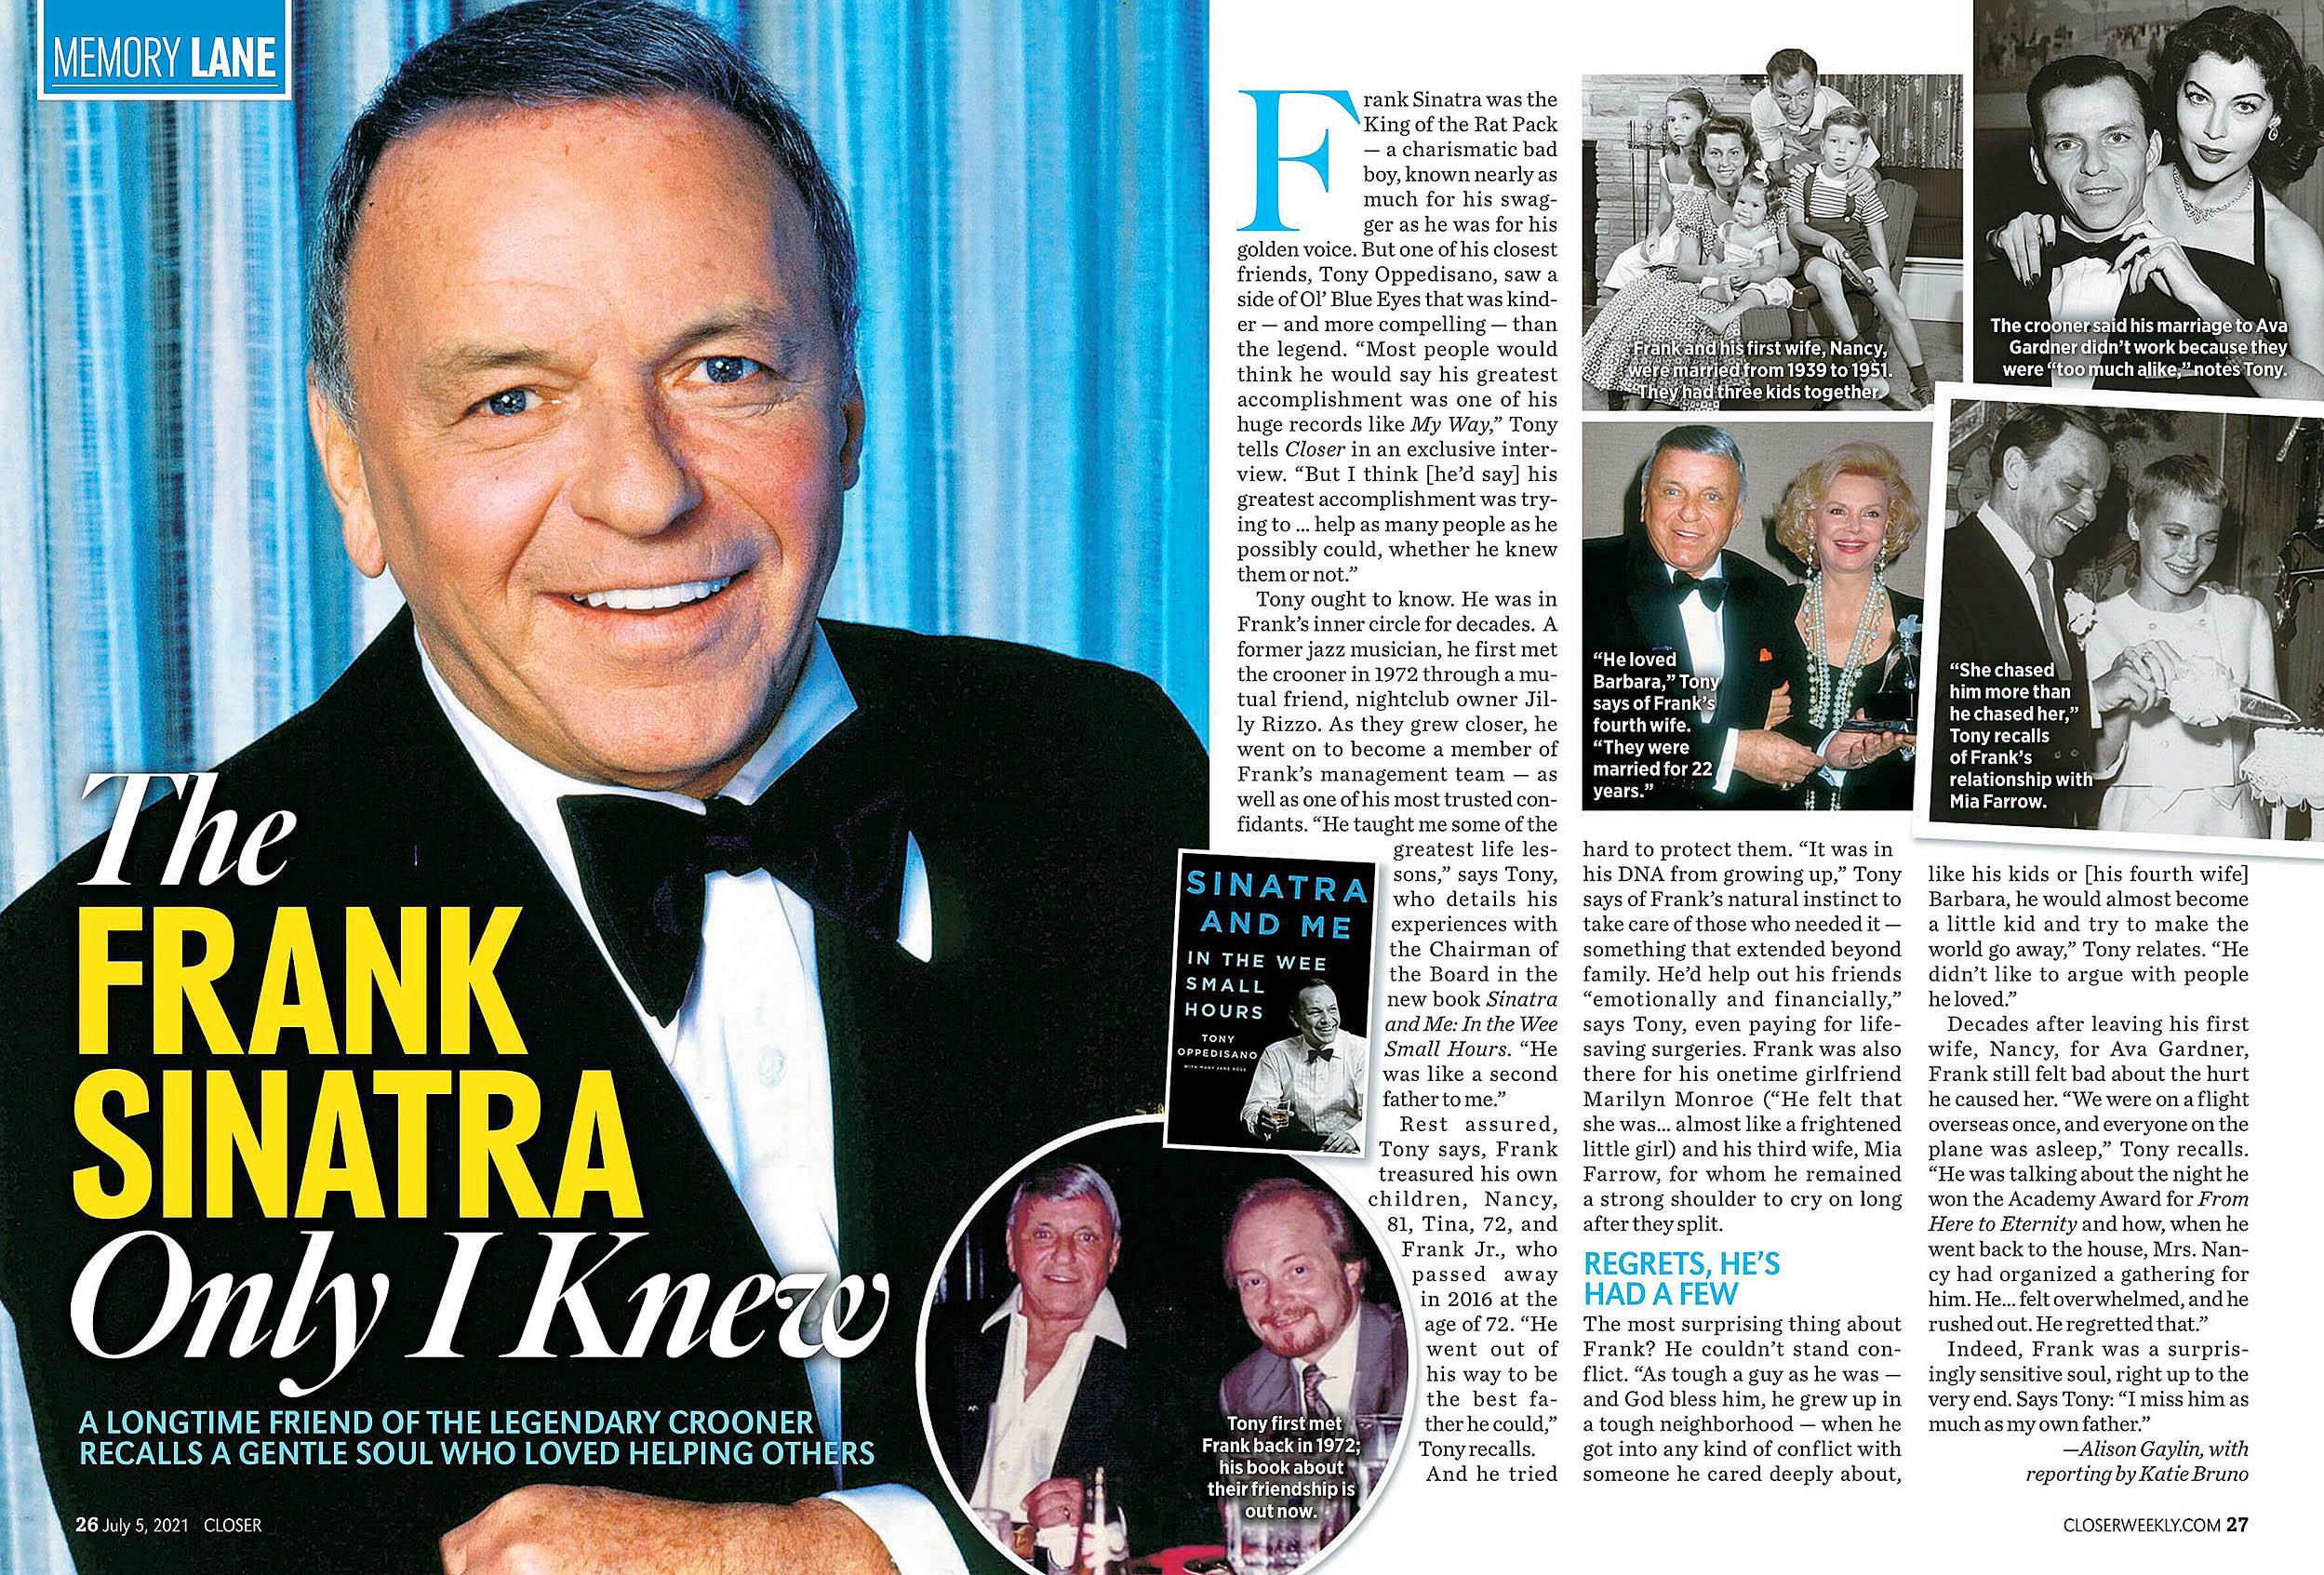 Closer US 210705 Sinatra.jpg